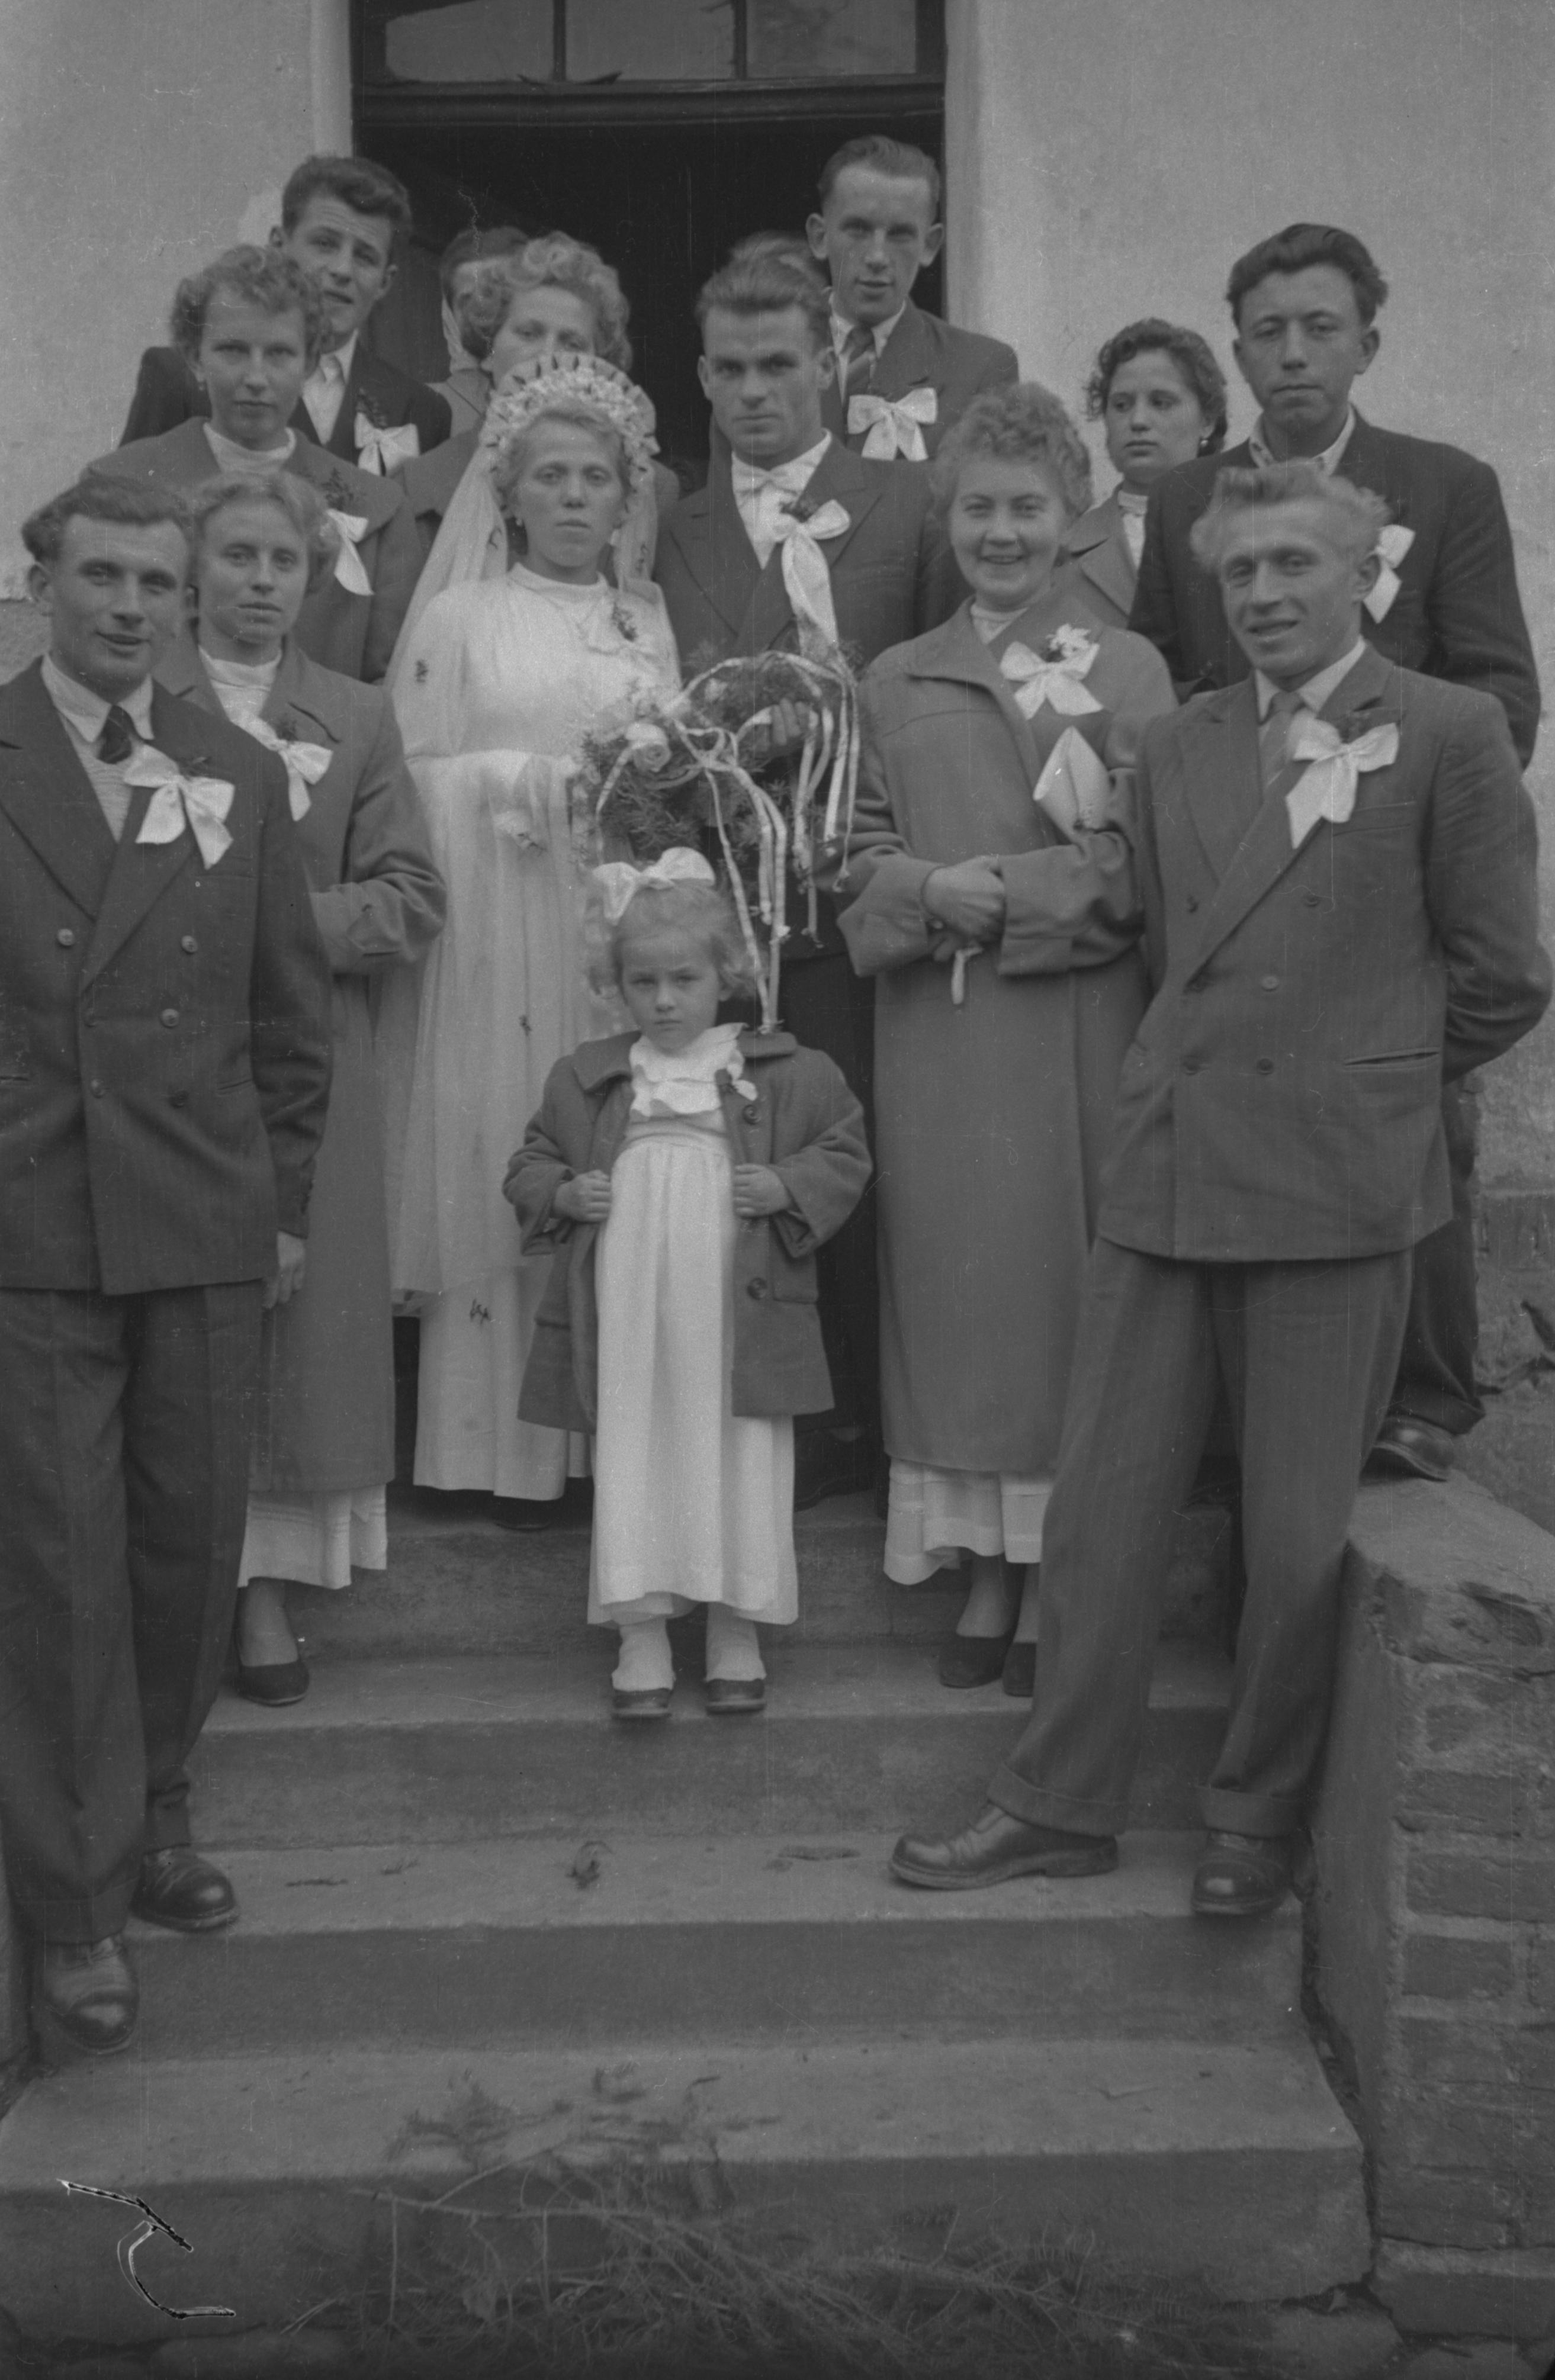 Ślub Marii Szmigiero i Bronisława Janczaka, Dolny Śląsk, 2. poł. XX w.